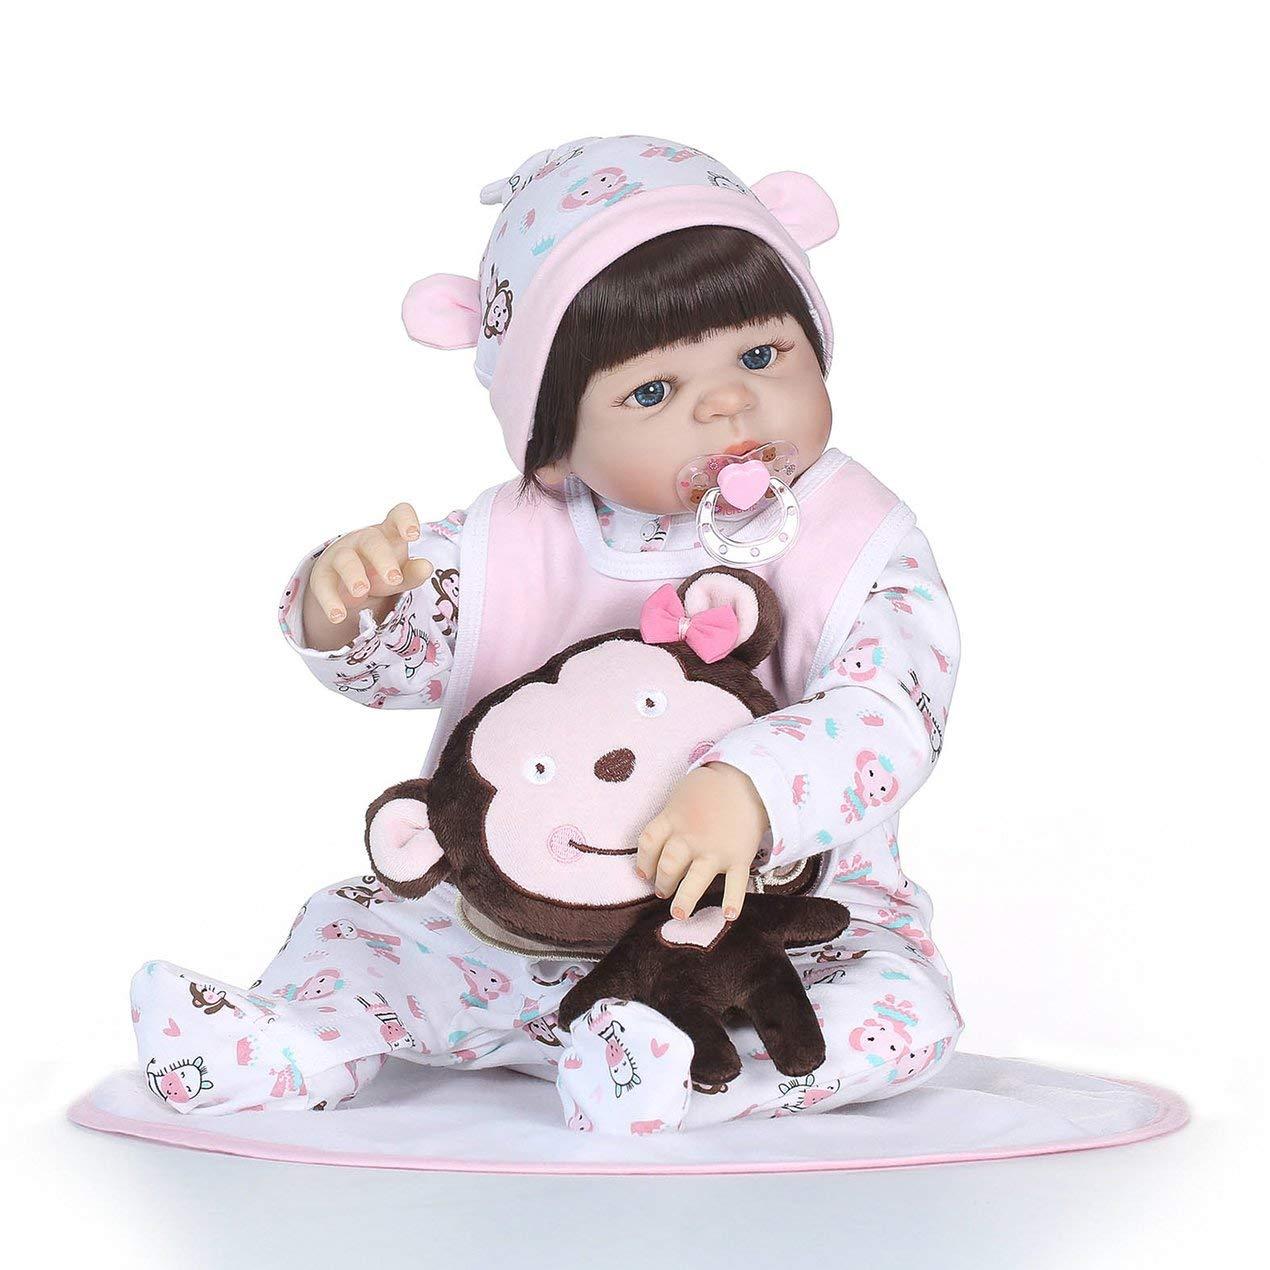 Dooret 21 Pulgadas de Silicona Vinilo muñeca Hecha a Mano de la muñeca del niño del Juego de niños Juguetes